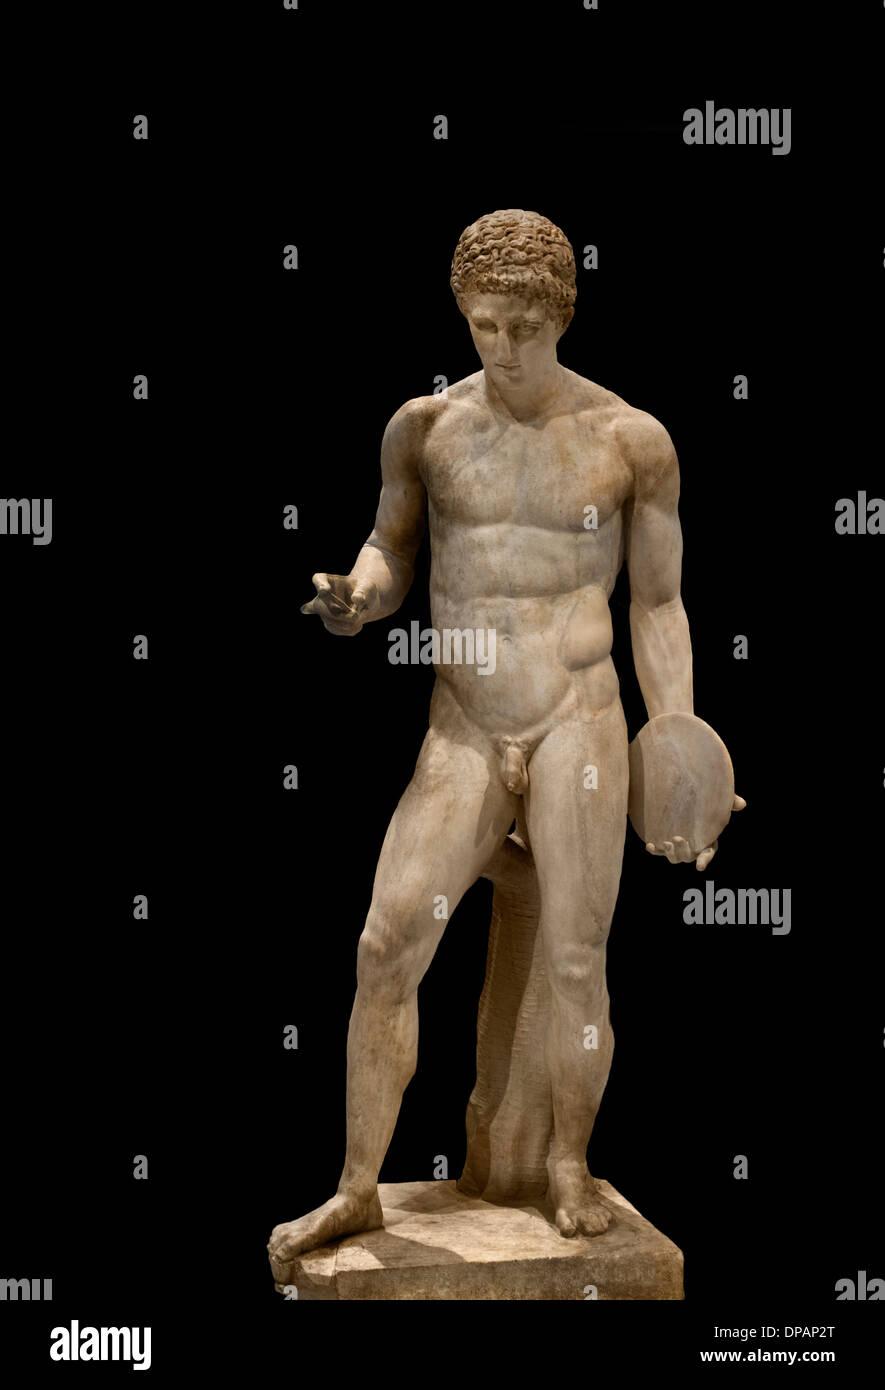 """La tenue d'un athlète romain discus 130-150 copie d'annonce d'un """"iscophore' de Naucydes bronze d'après 400 avant J.-C. La Grèce Grec Photo Stock"""